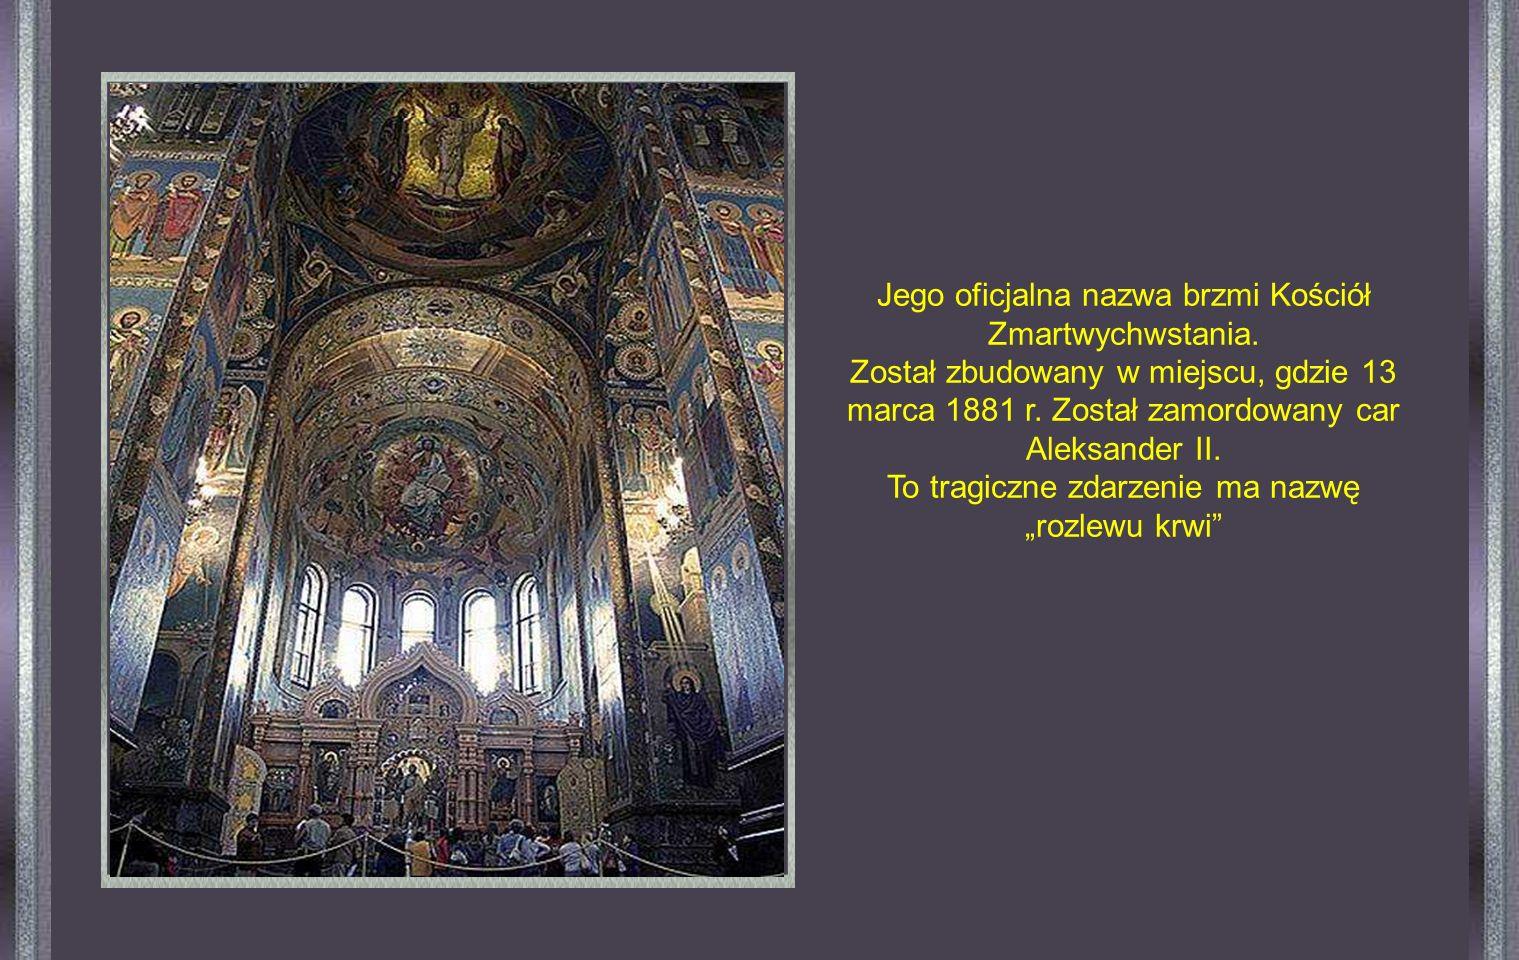 Jego oficjalna nazwa brzmi Kościół Zmartwychwstania.